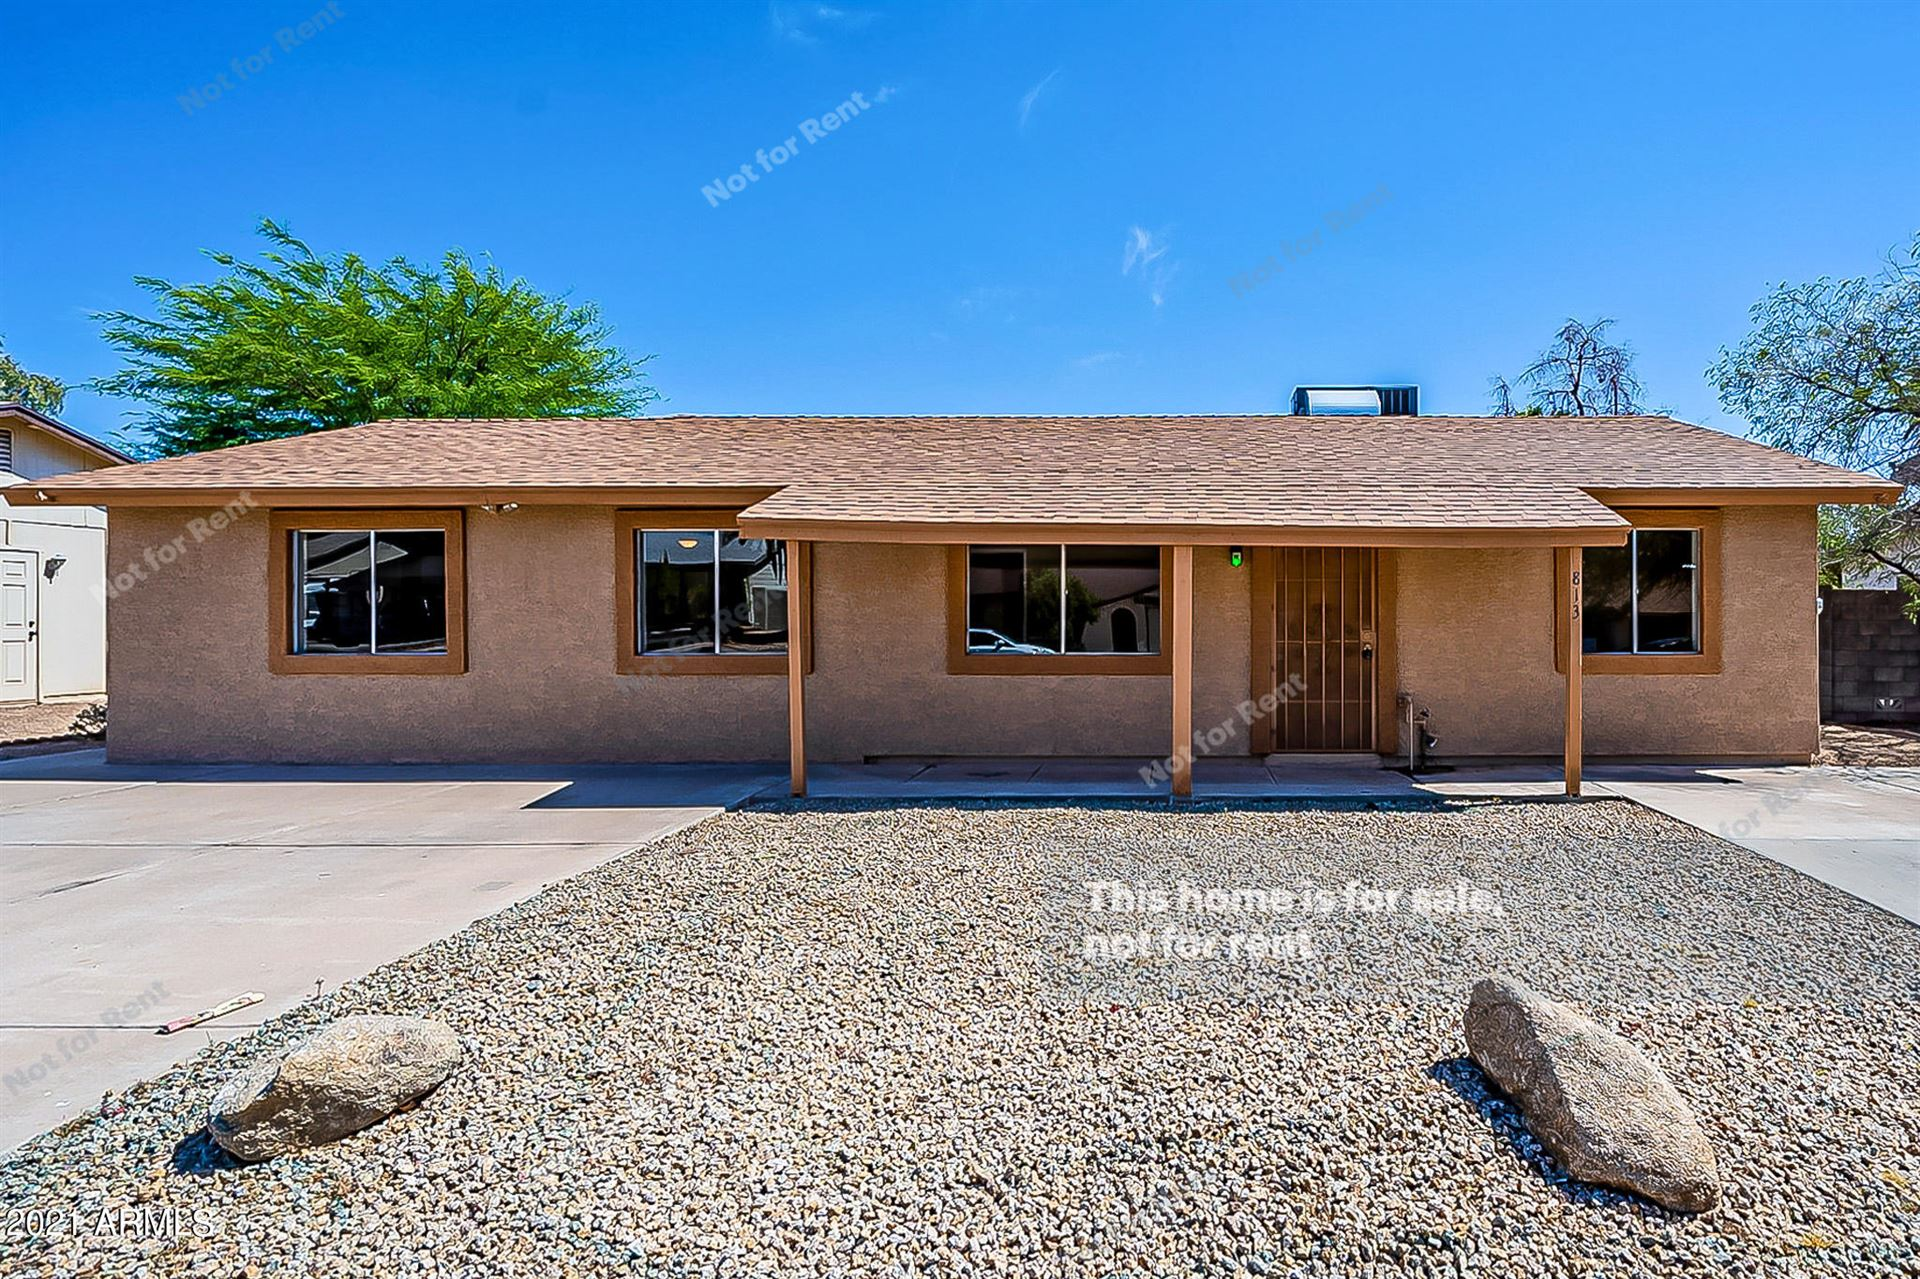 813 W MONTOYA Lane, Phoenix, AZ 85027 - MLS#: 6238571